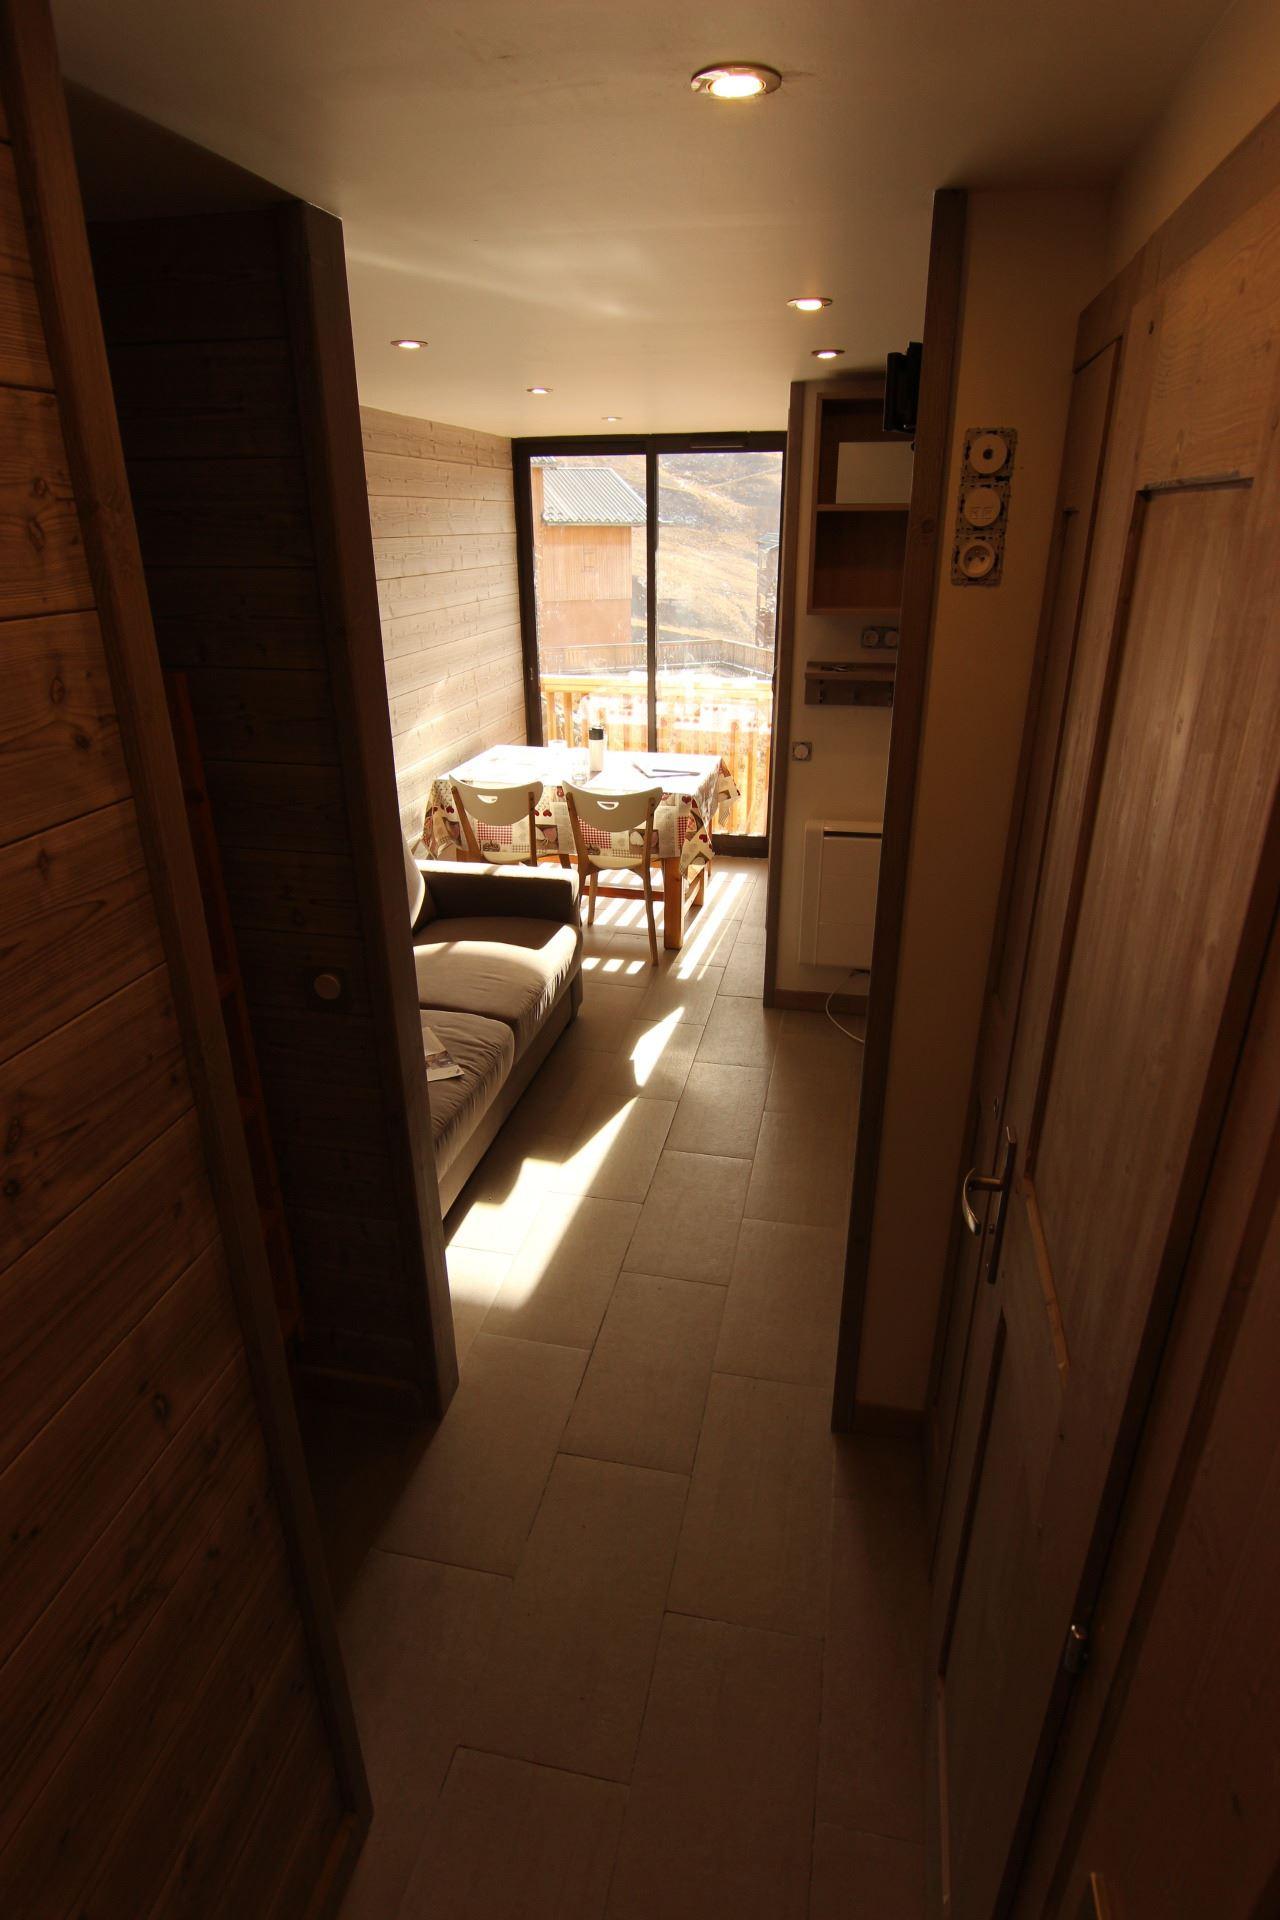 CIMES DE CARON 1102 / STUDIO CABIN 4 PERSONS - 3 GOLD SNOWFLAKES - VTI